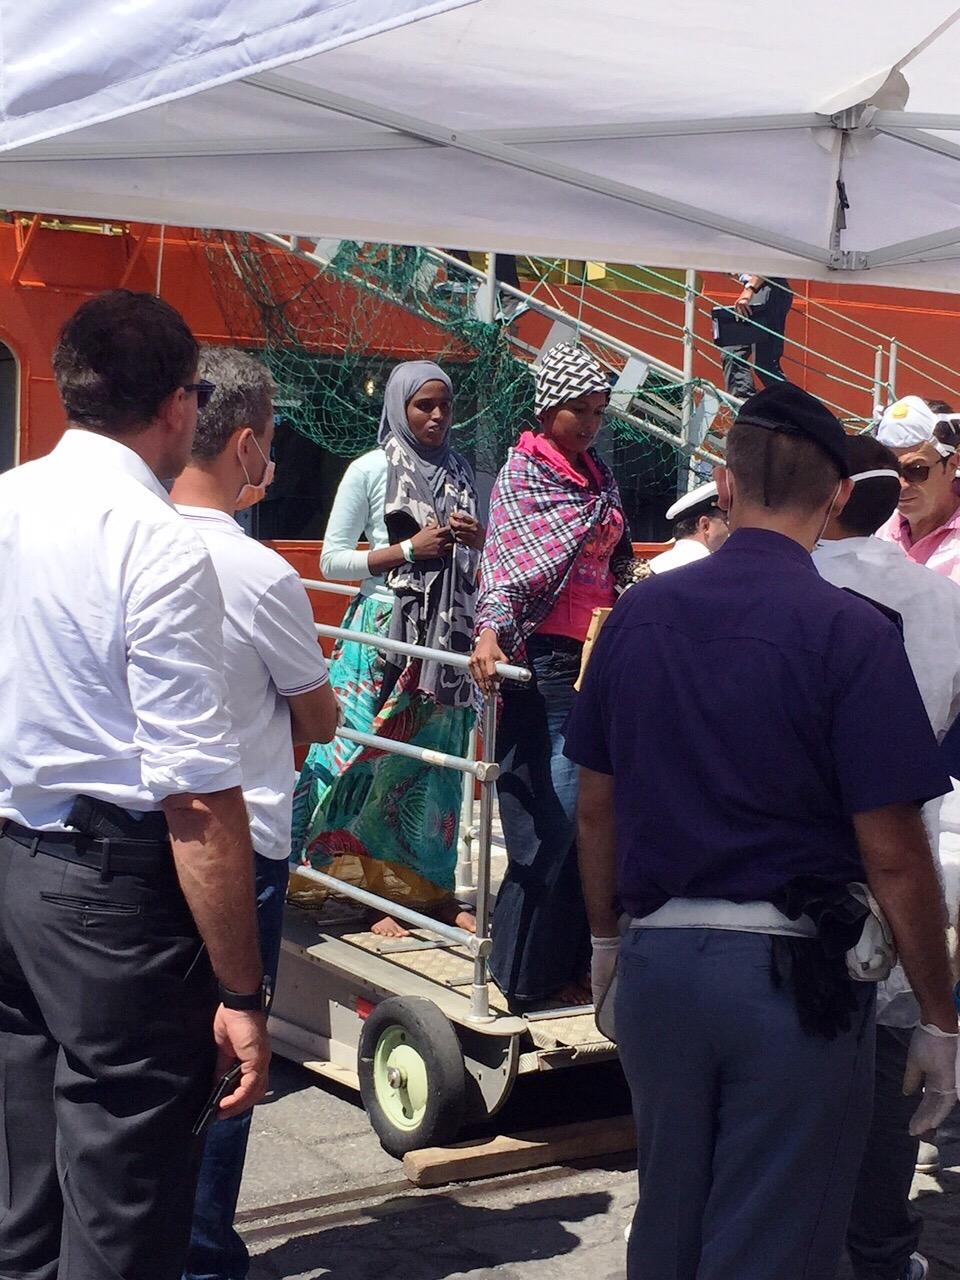 Migranti: giunta a Catania la Siem Pilot con superstiti e vittime